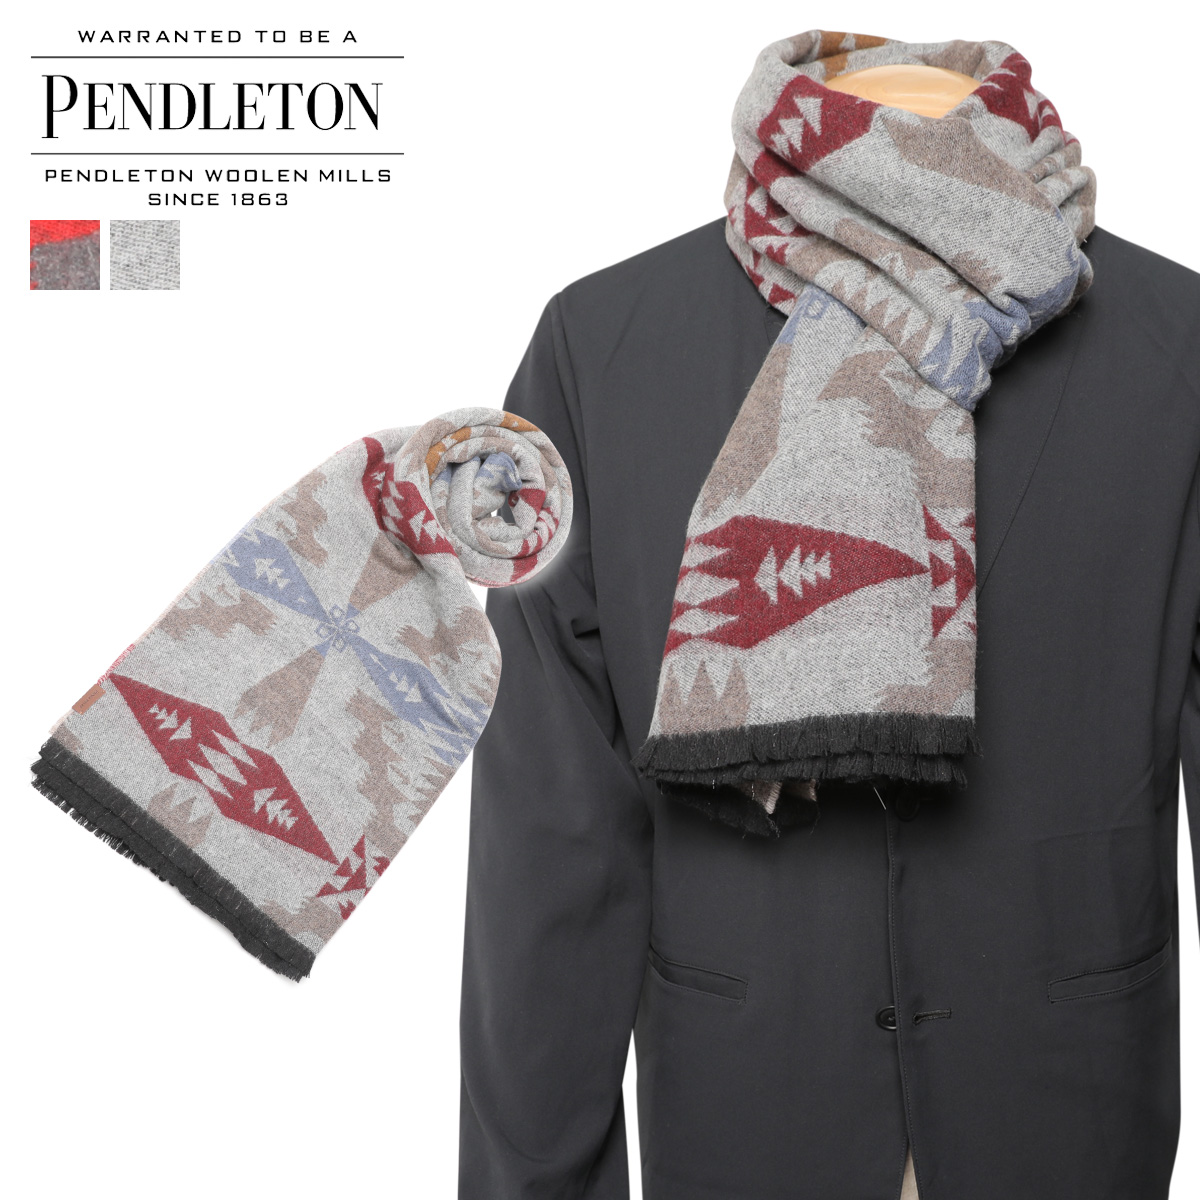 PENDLETON ペンドルトン マフラー メンズ レディース 大判 ウール OVERSIZED WRAP チャコール グレー GS757